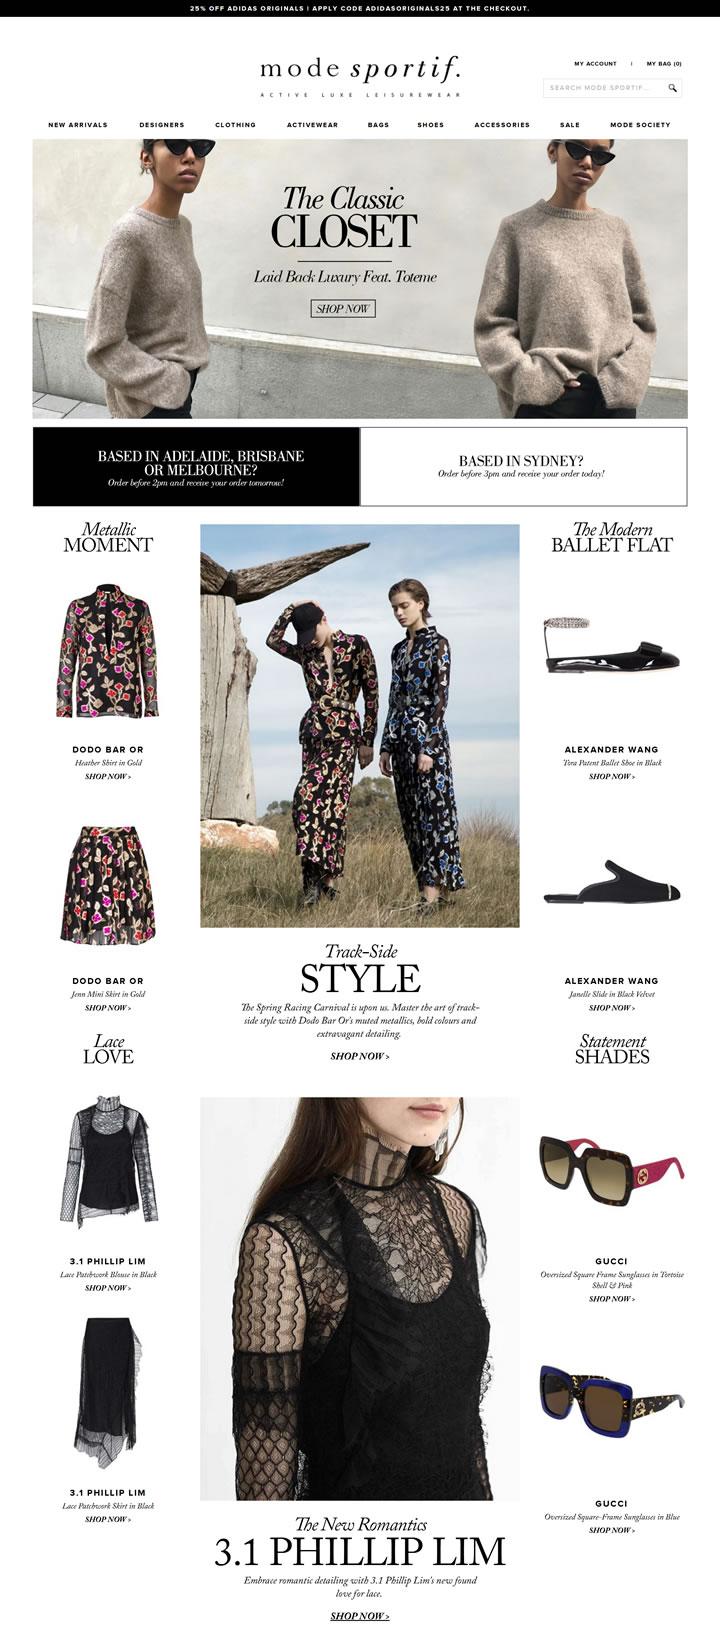 澳洲奢华流行服饰和休闲服购物网站:Mode Sportif